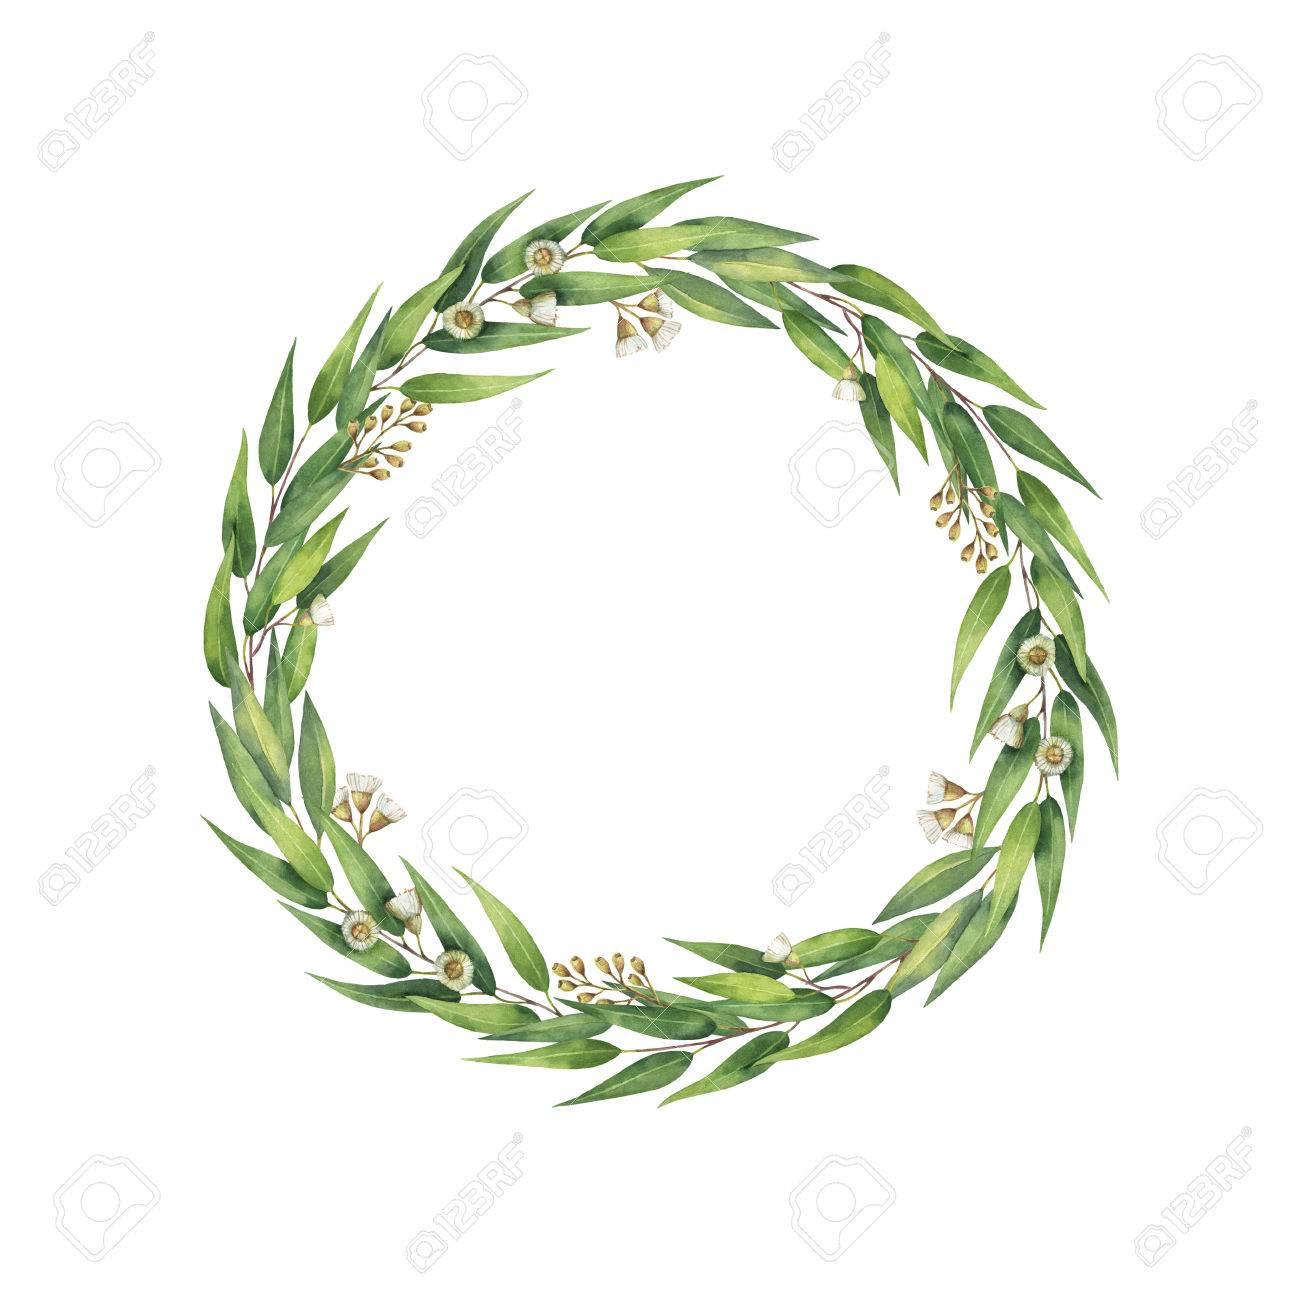 aquarelle couronne ronde à la main avec des feuilles et des branches